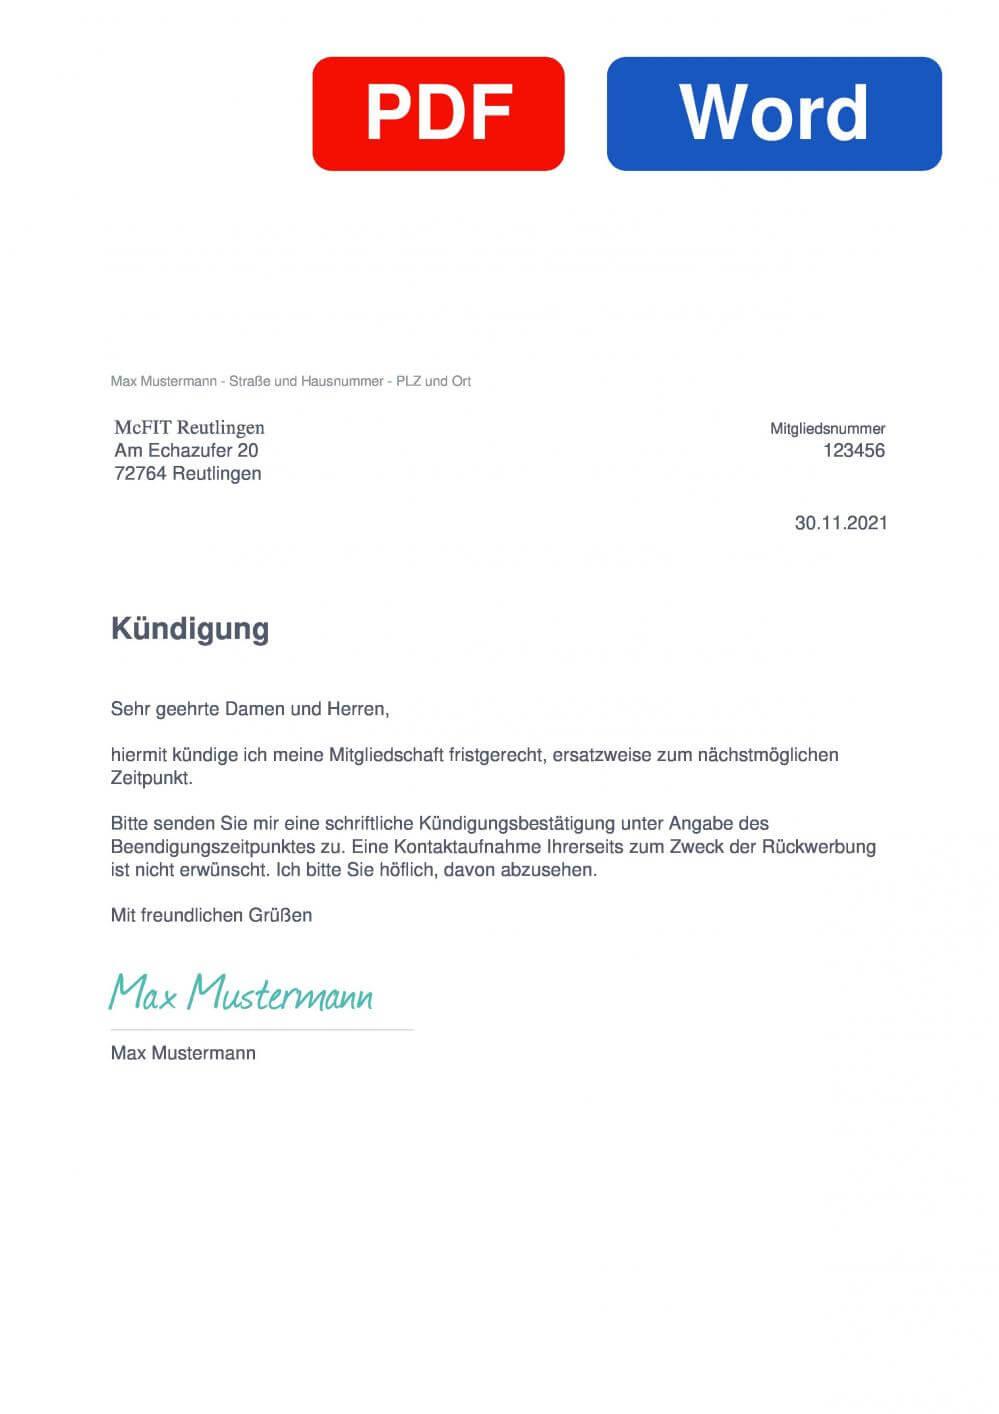 McFIT Reutlingen Muster Vorlage für Kündigungsschreiben